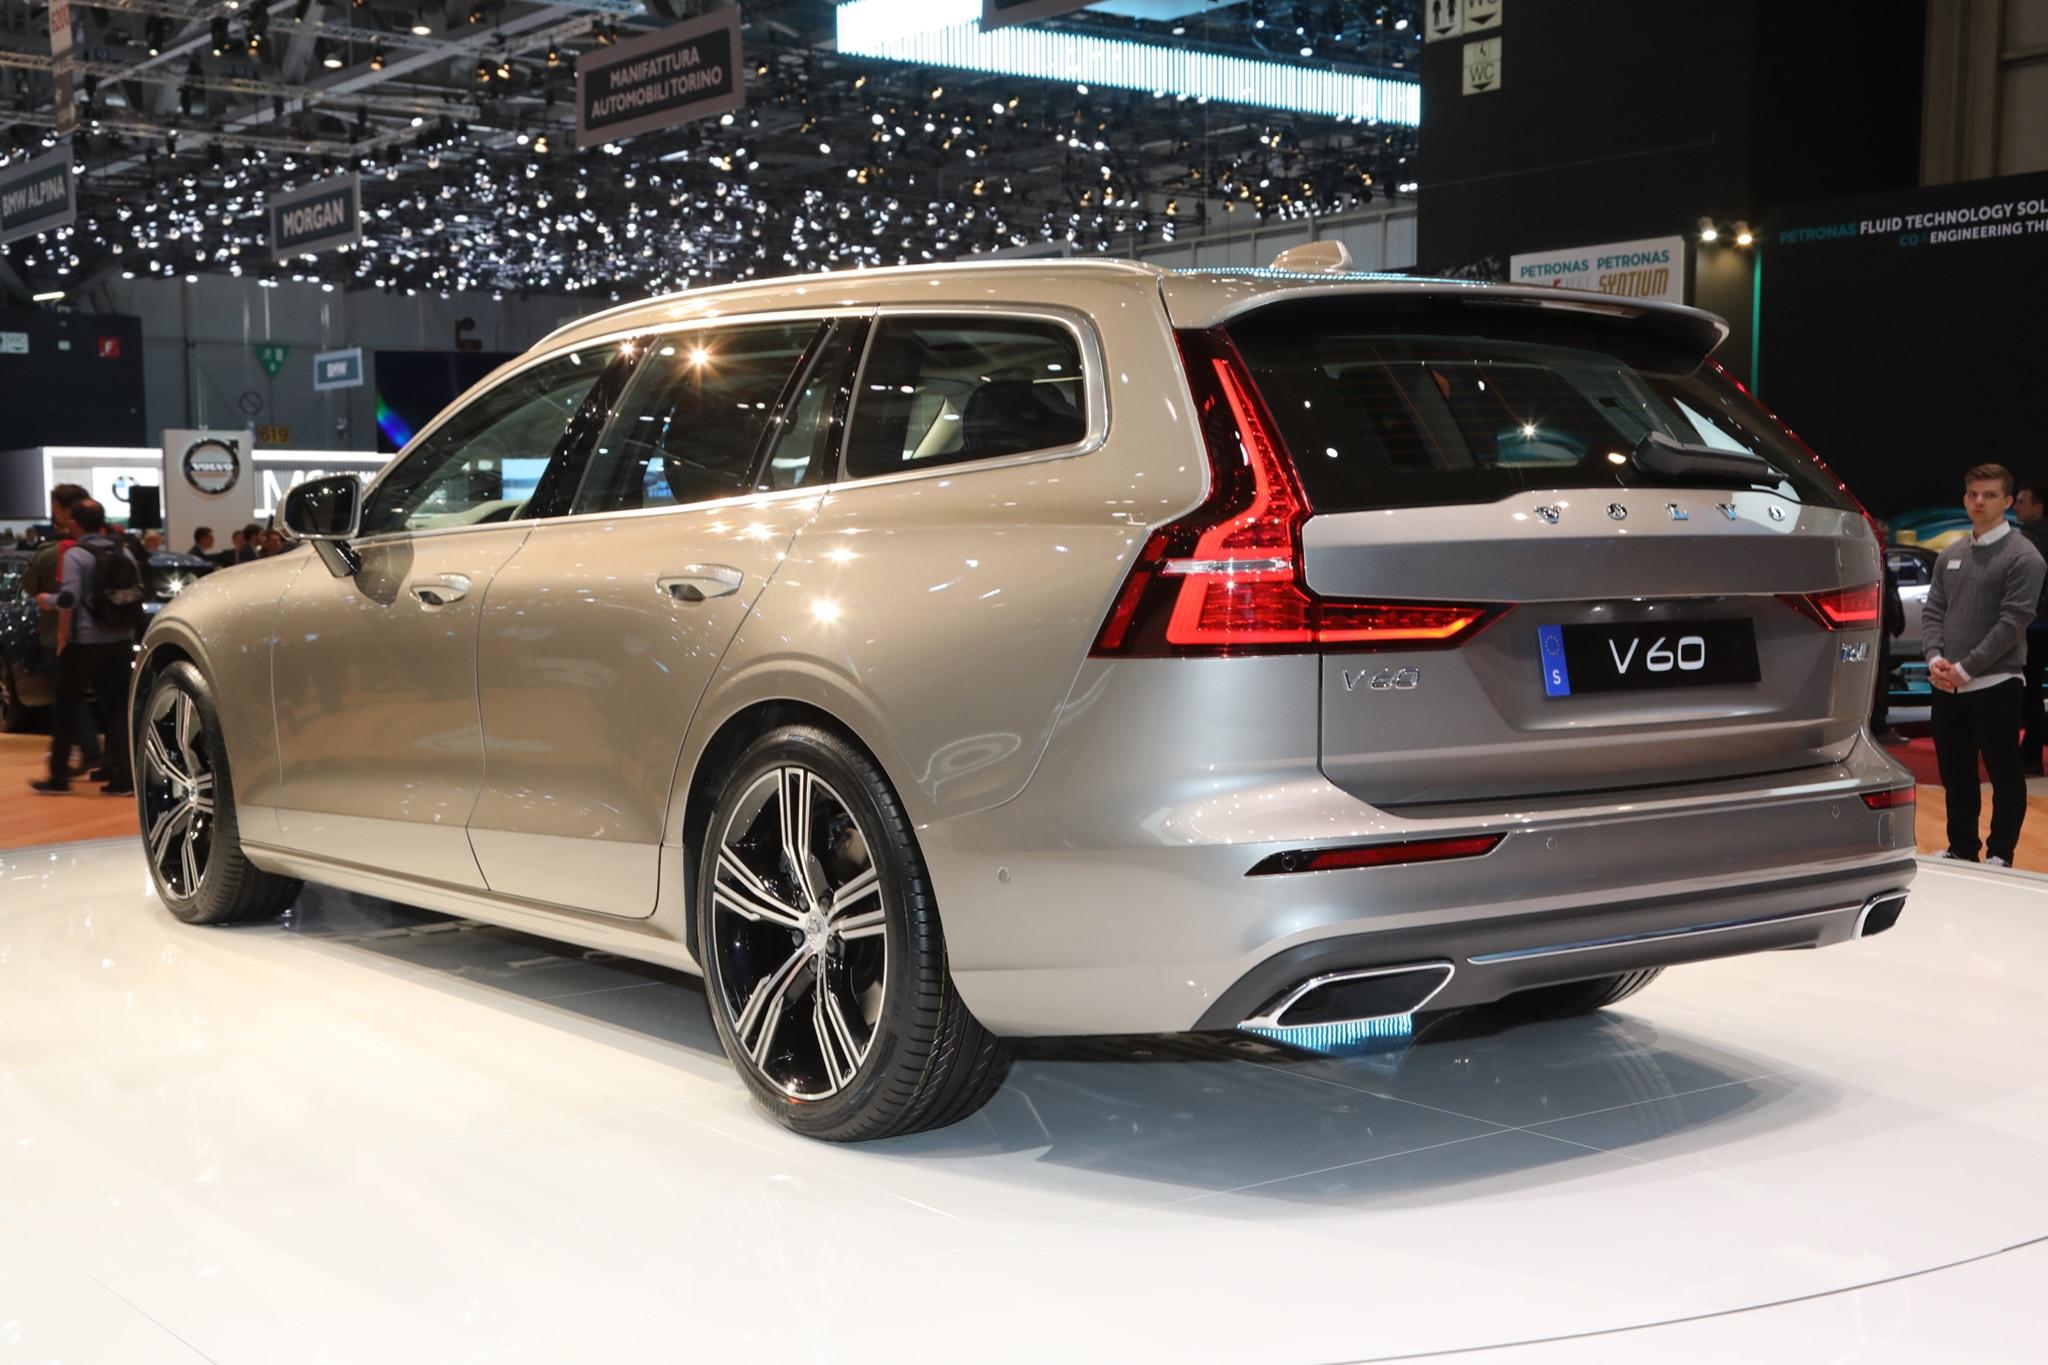 2019 Volvo V60 Joins the Geneva Auto Show | Automobile Magazine